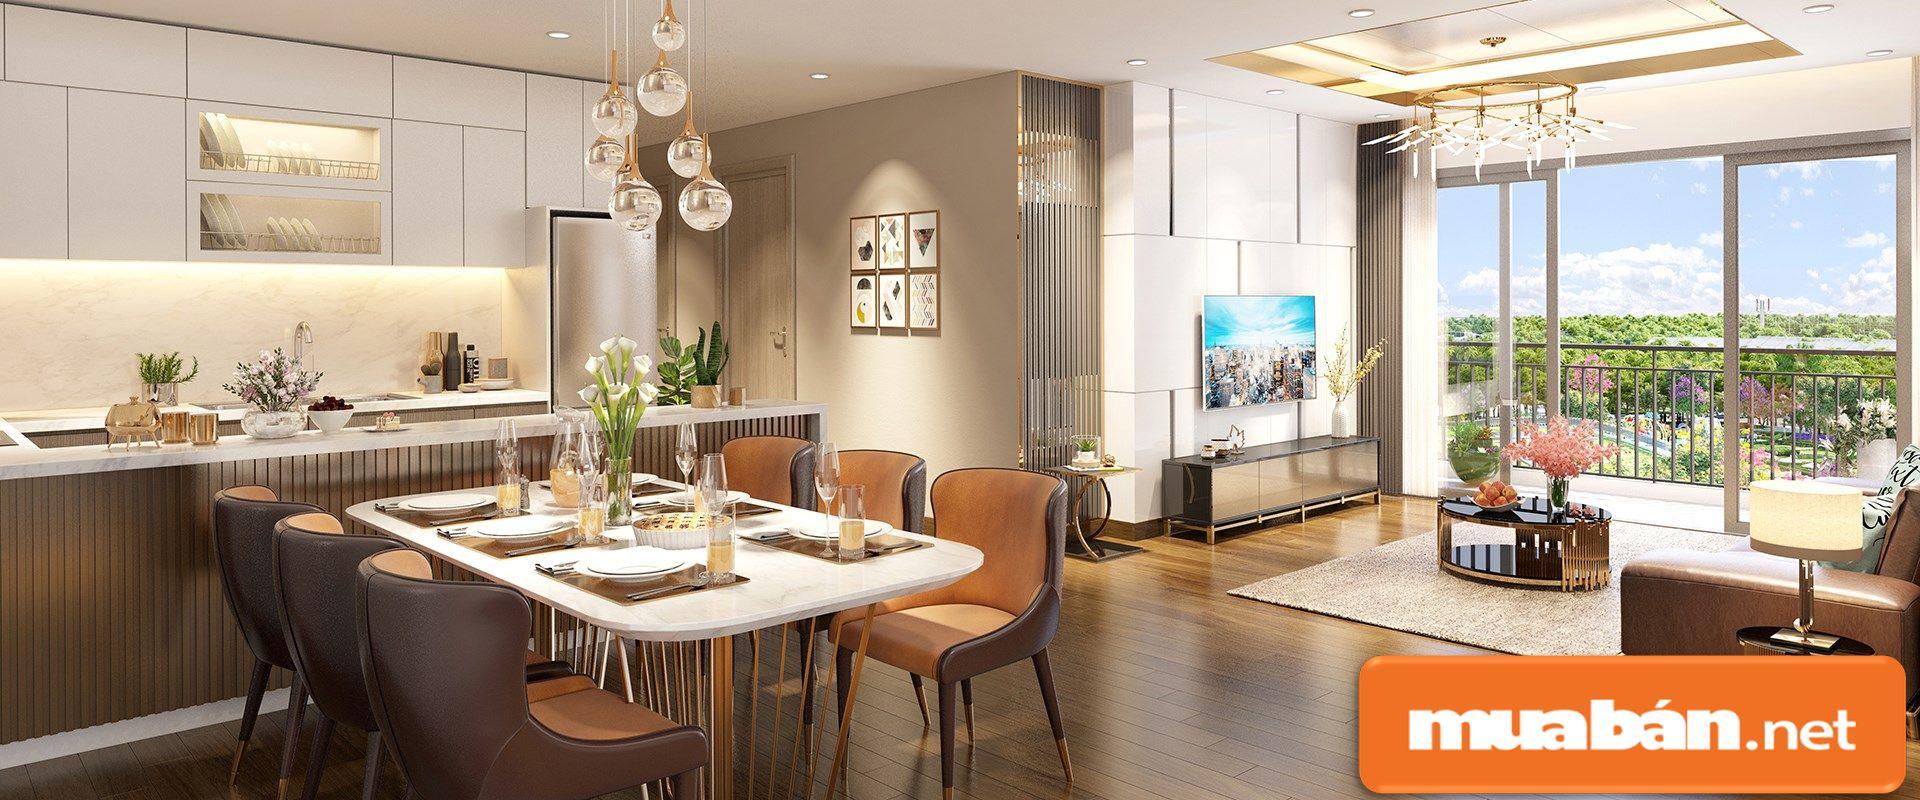 Các căn hộ trong dự án có nhiều diện tích linh hoạt cho khách hàng lựa chọn.